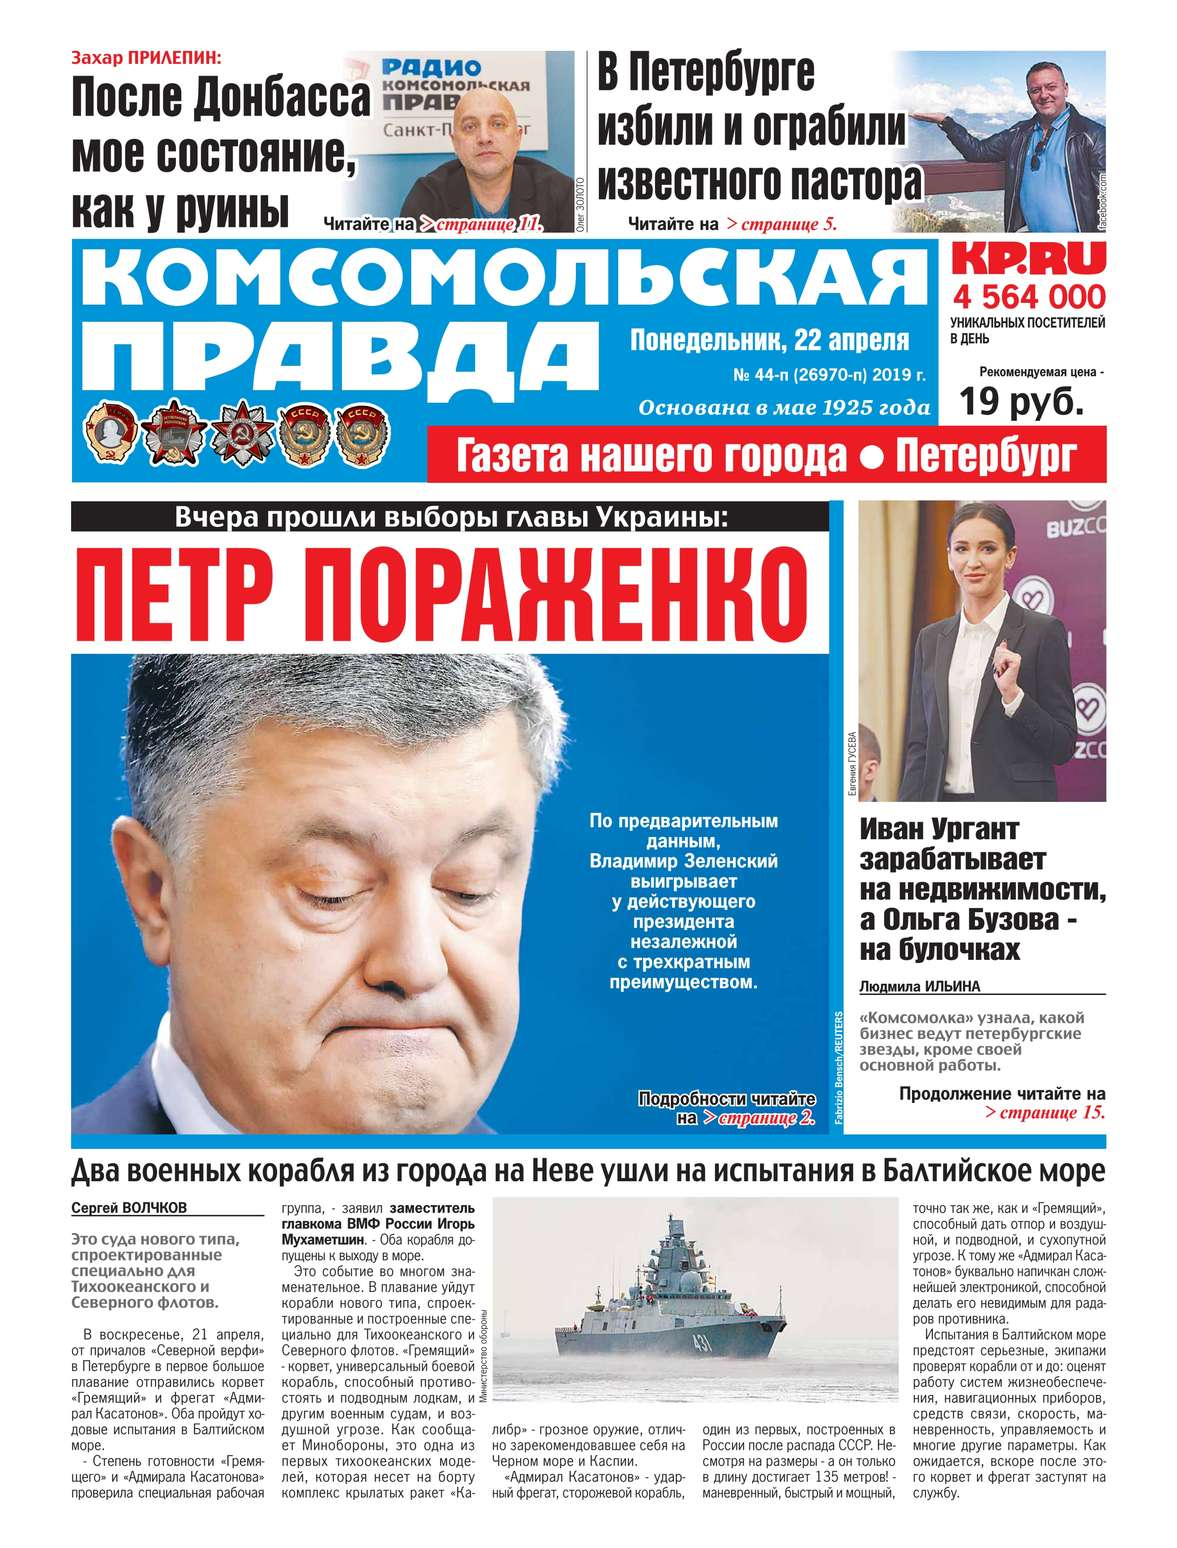 Комсомольская Правда. Санкт-Петербург 44п-2019